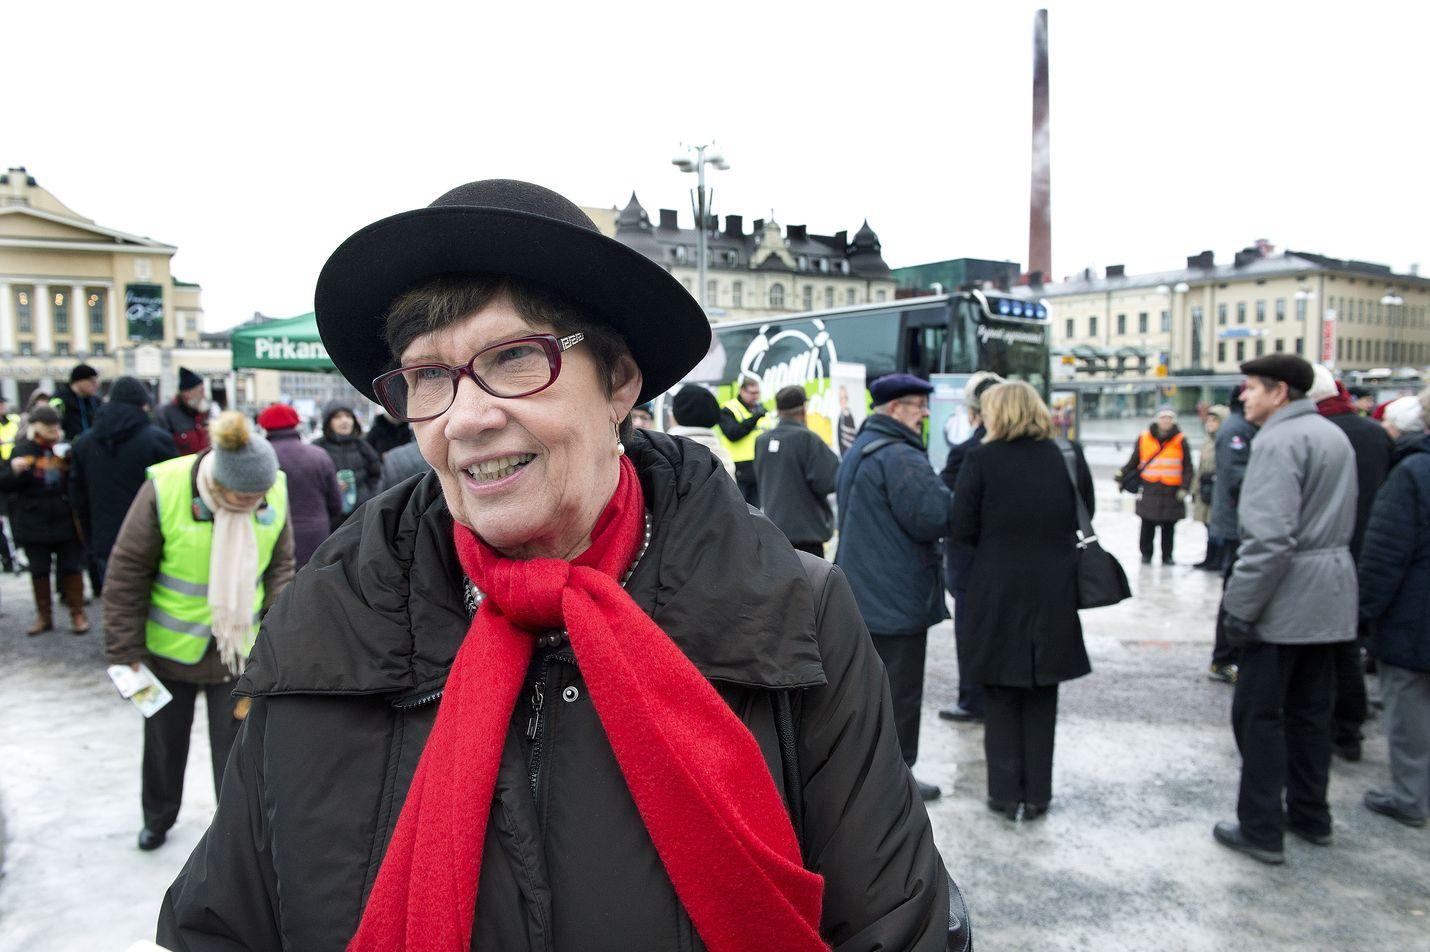 Keskustan kansanedustaja Sirkka-Liisa Anttila perää tolkkua ilmastokeskusteluun.